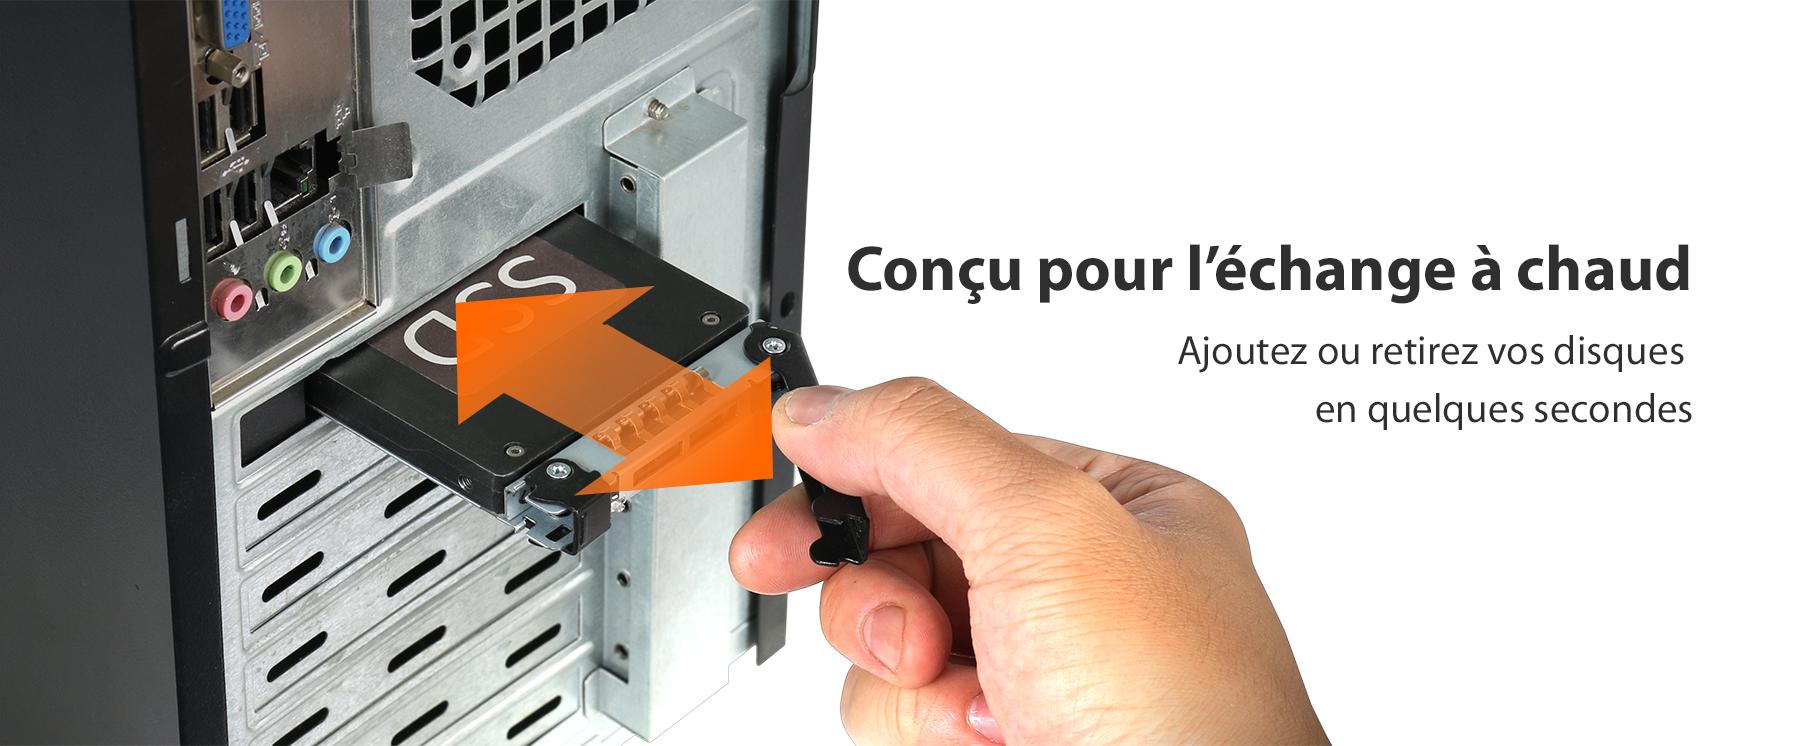 Photo du SSD pouvant être retiré à chaud